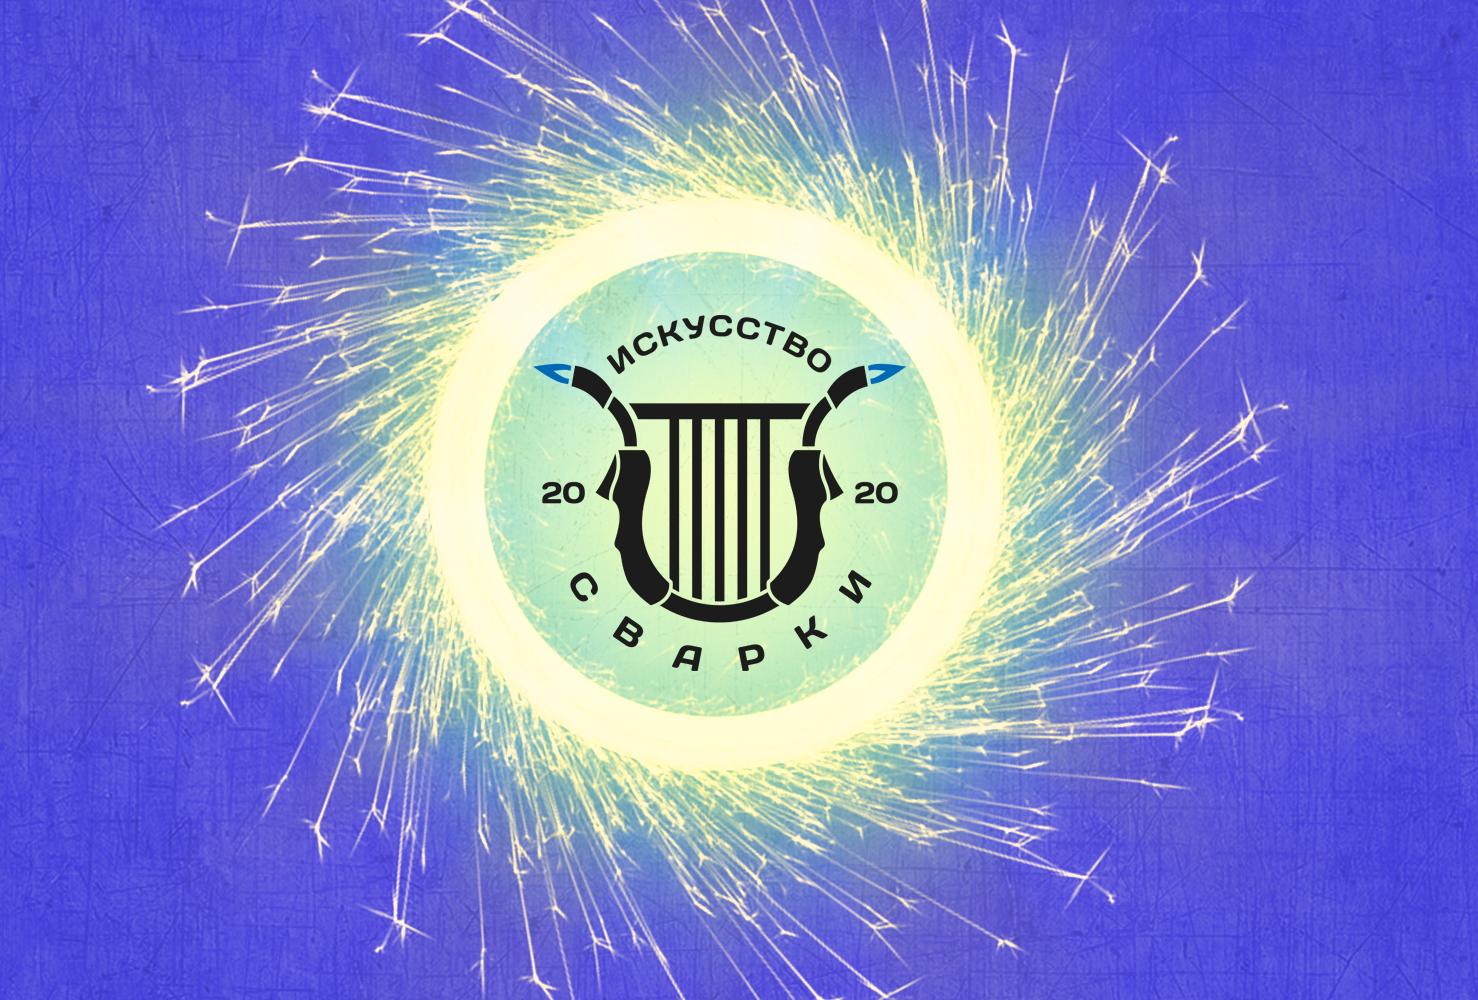 Разработка логотипа для Конкурса фото f_7795f6f00bda3dbd.jpg